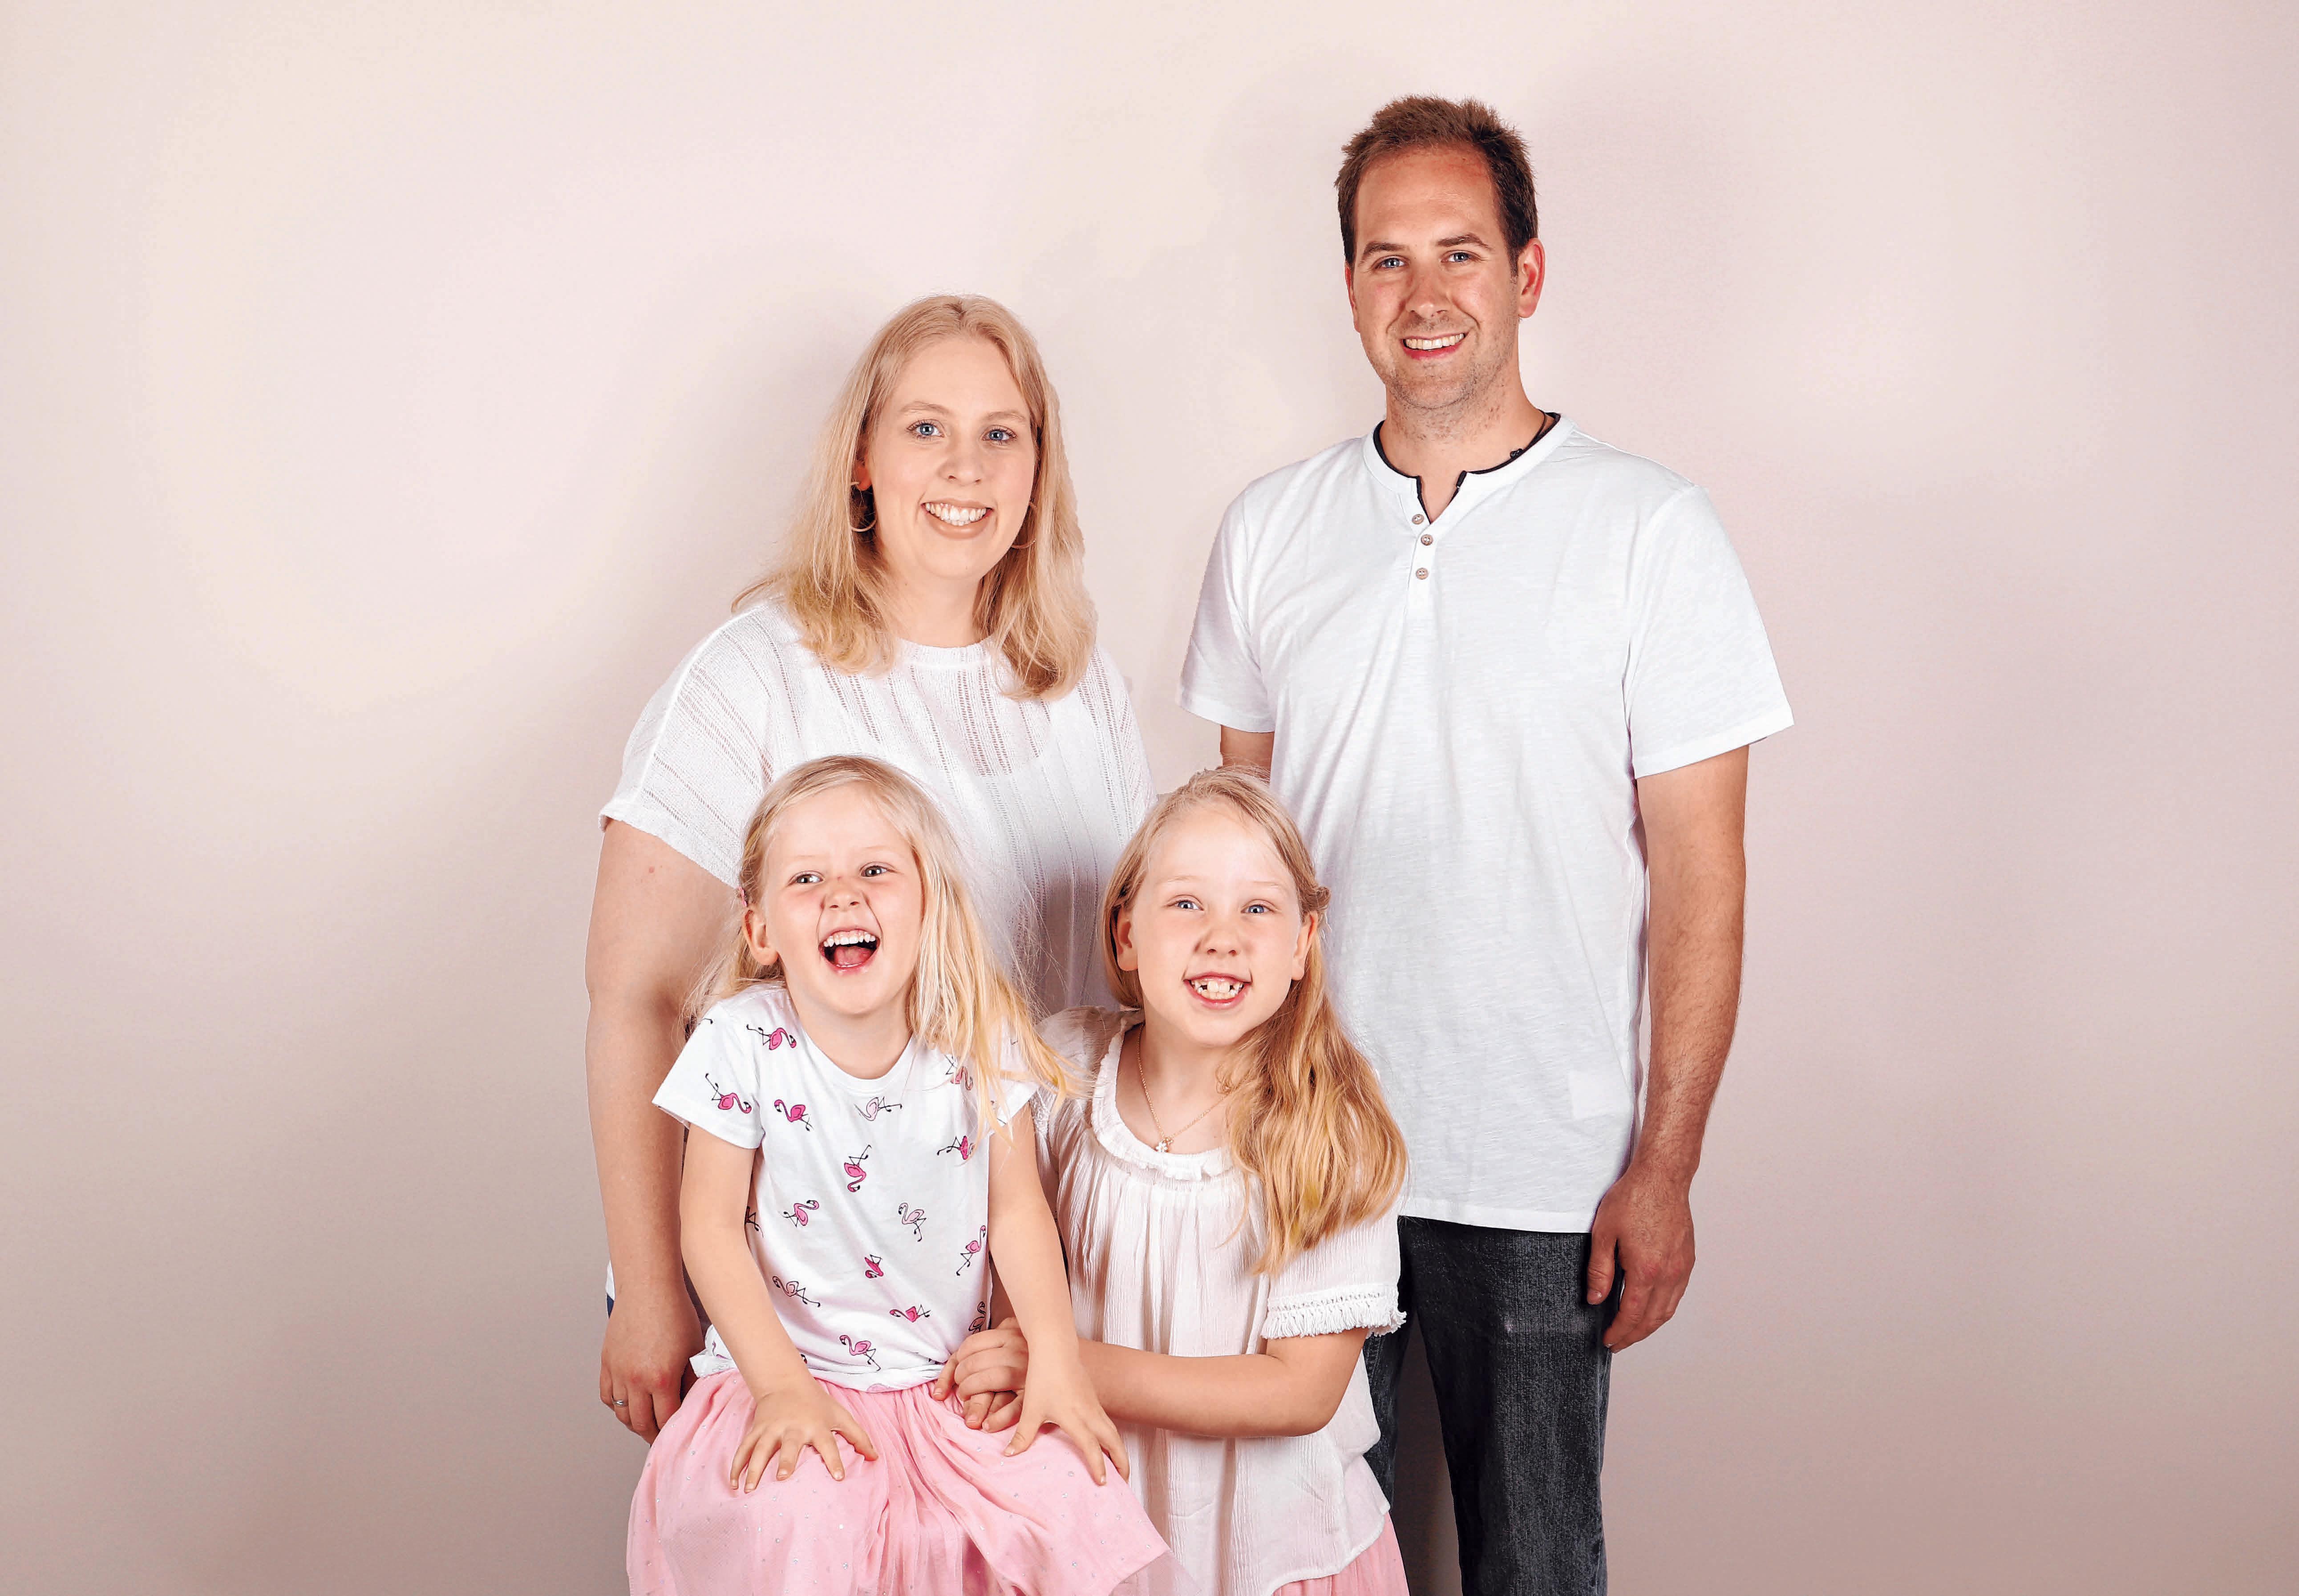 """Franziska und Pierre Reisinger freuen sich mit ihren beiden Töchtern auf die Eröffnung des neuen """"Naturzwergenreichs"""". FOTO: ZARTBITTER-DESIGN"""